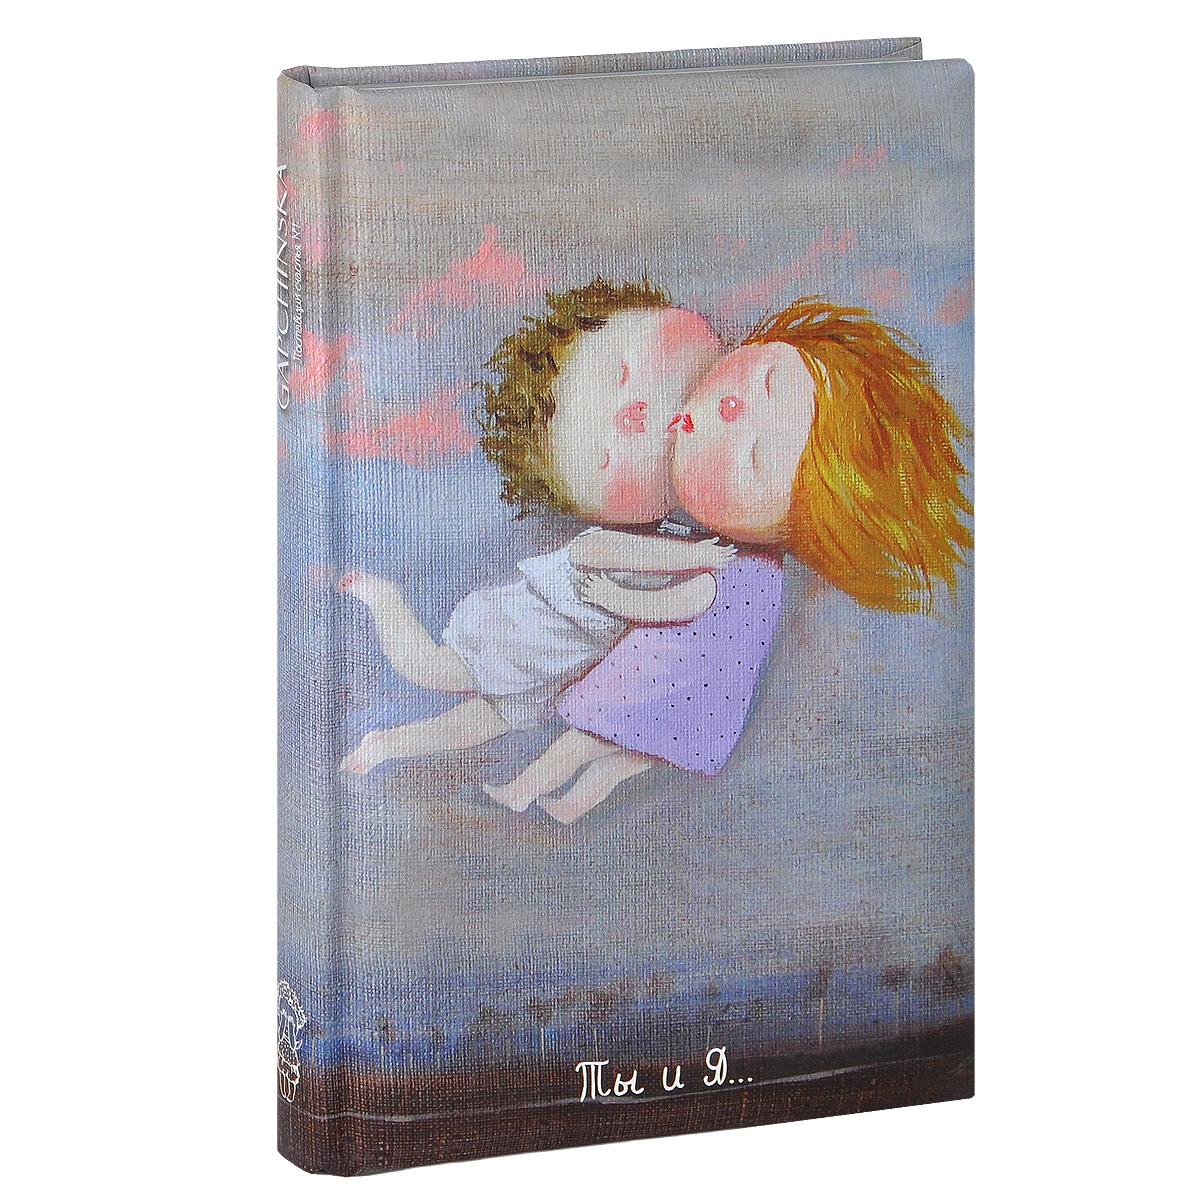 Евгения Гапчинская Ты и Я... Блокнот копии картин гапчинской киев